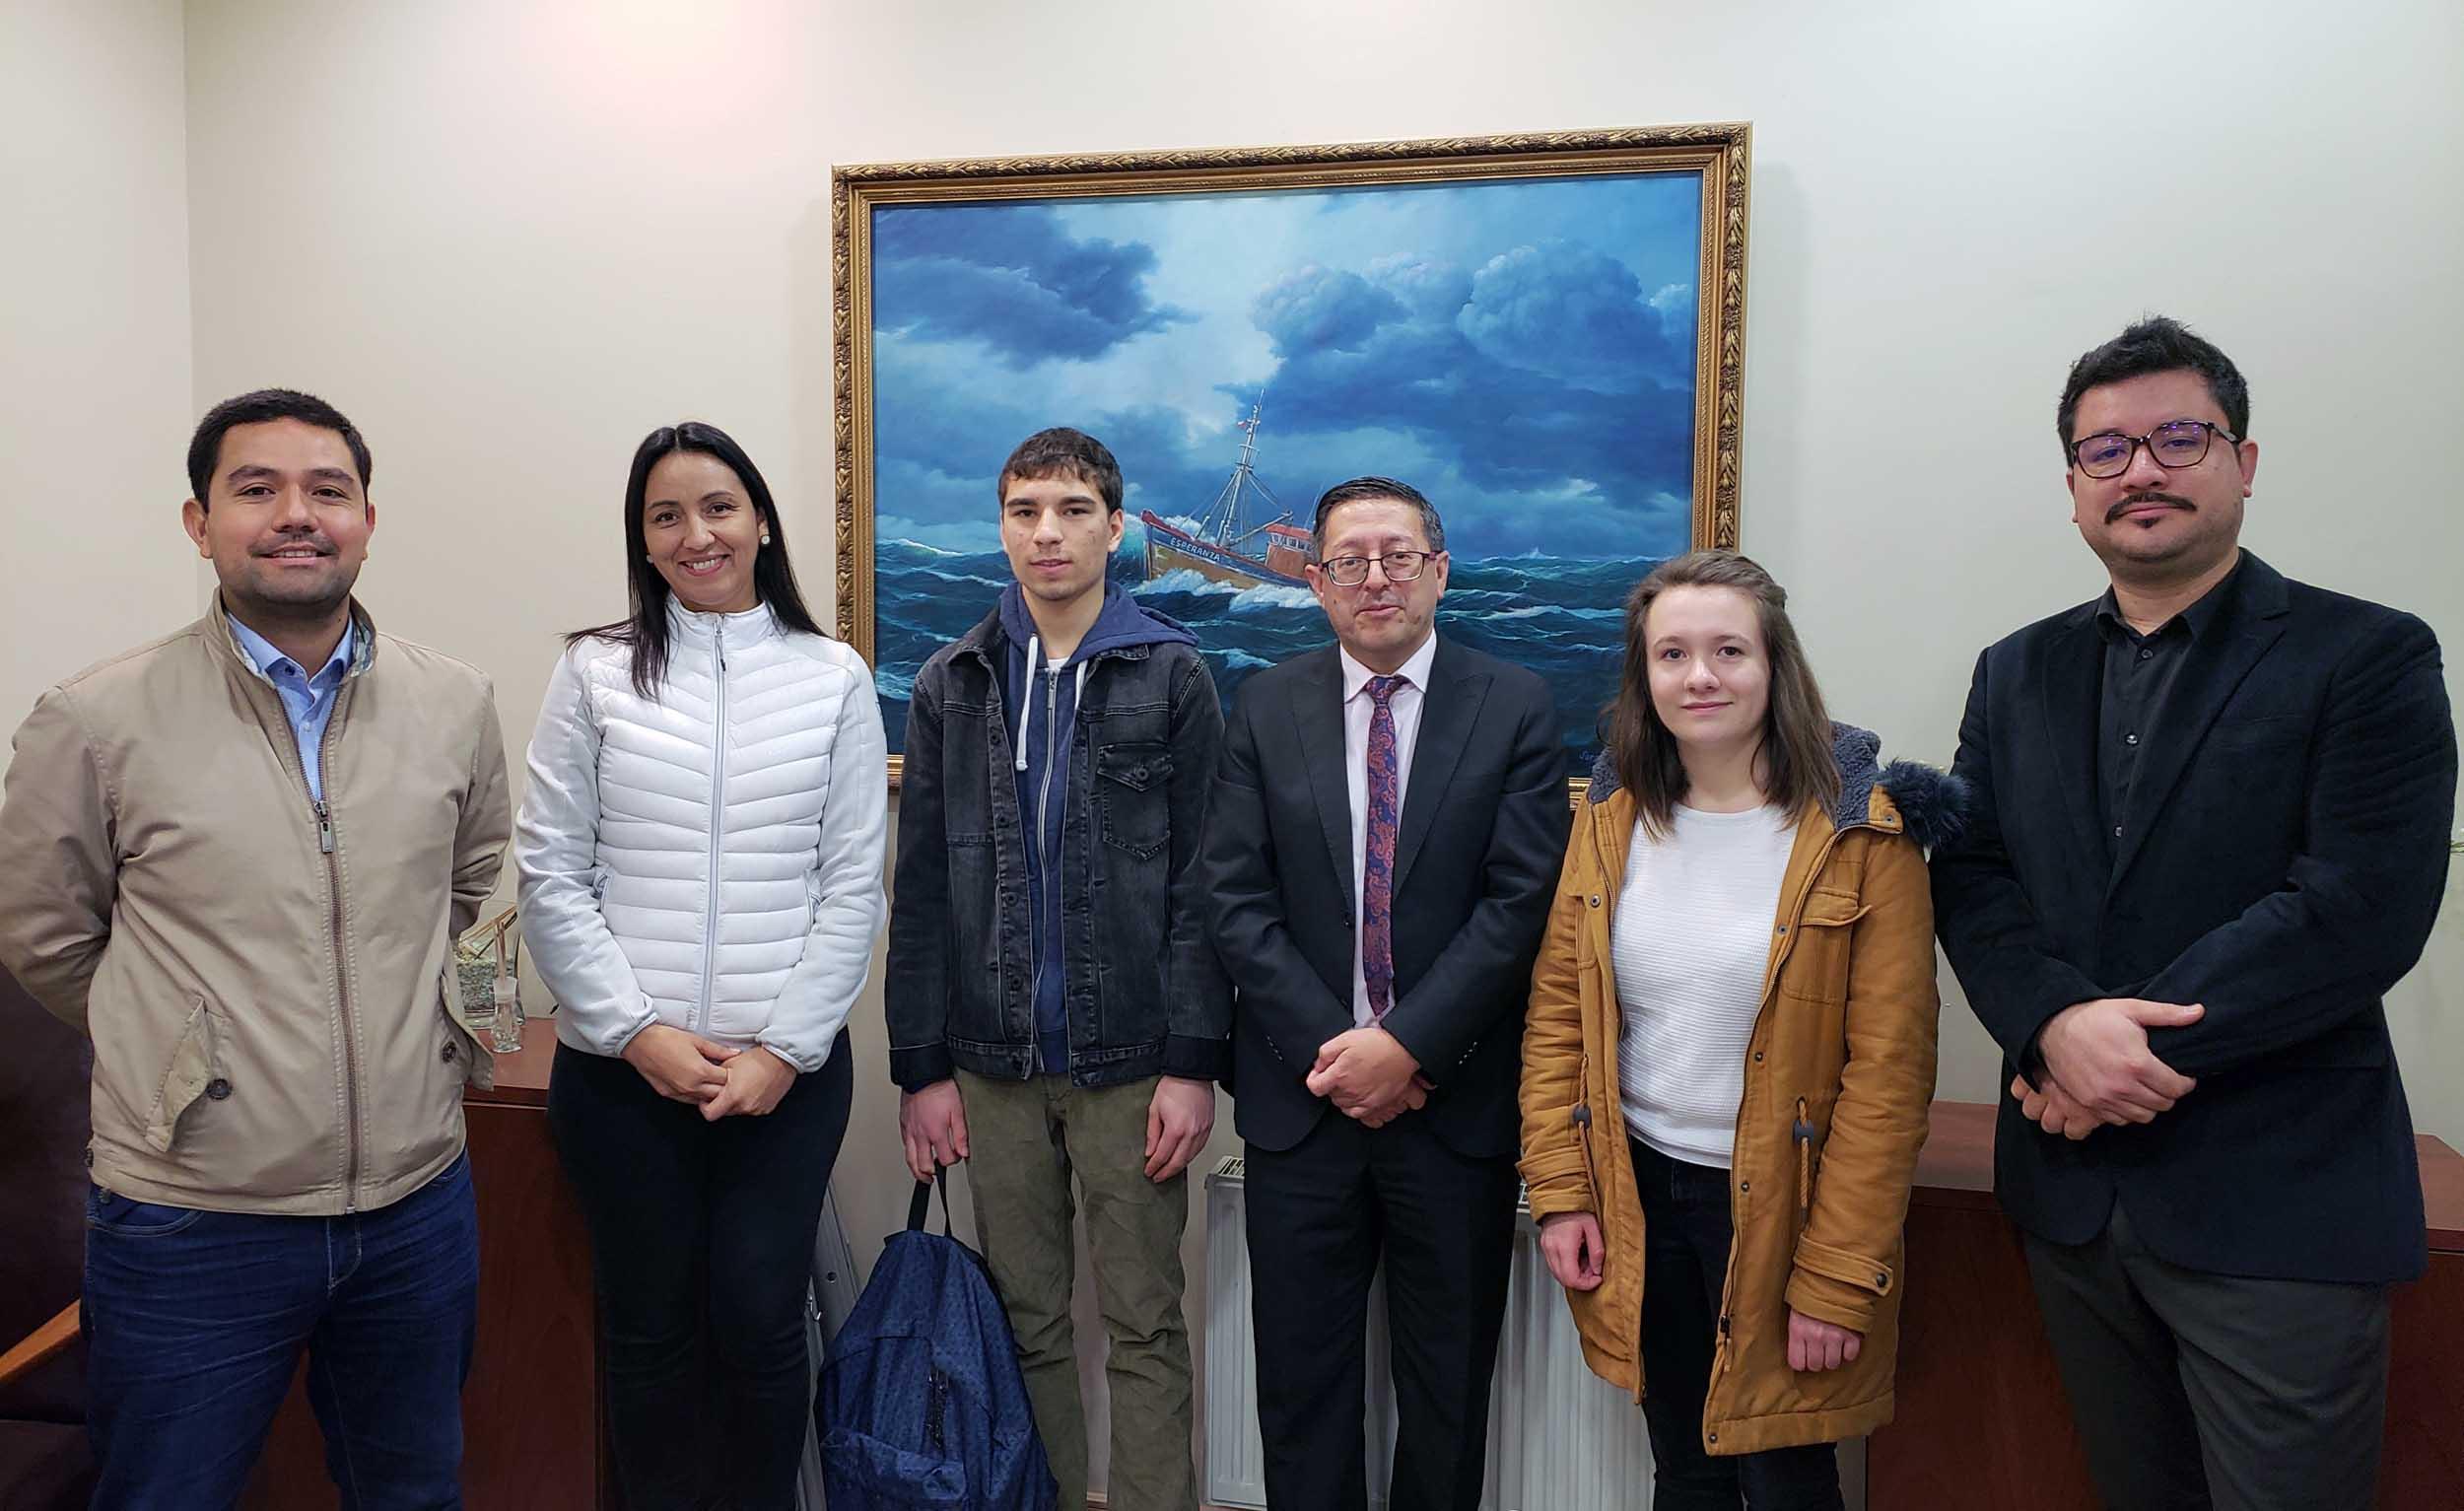 Estudiantes Franceses del IUT de Lannion inician pasantía en la Facultad de Ciencias Químicas